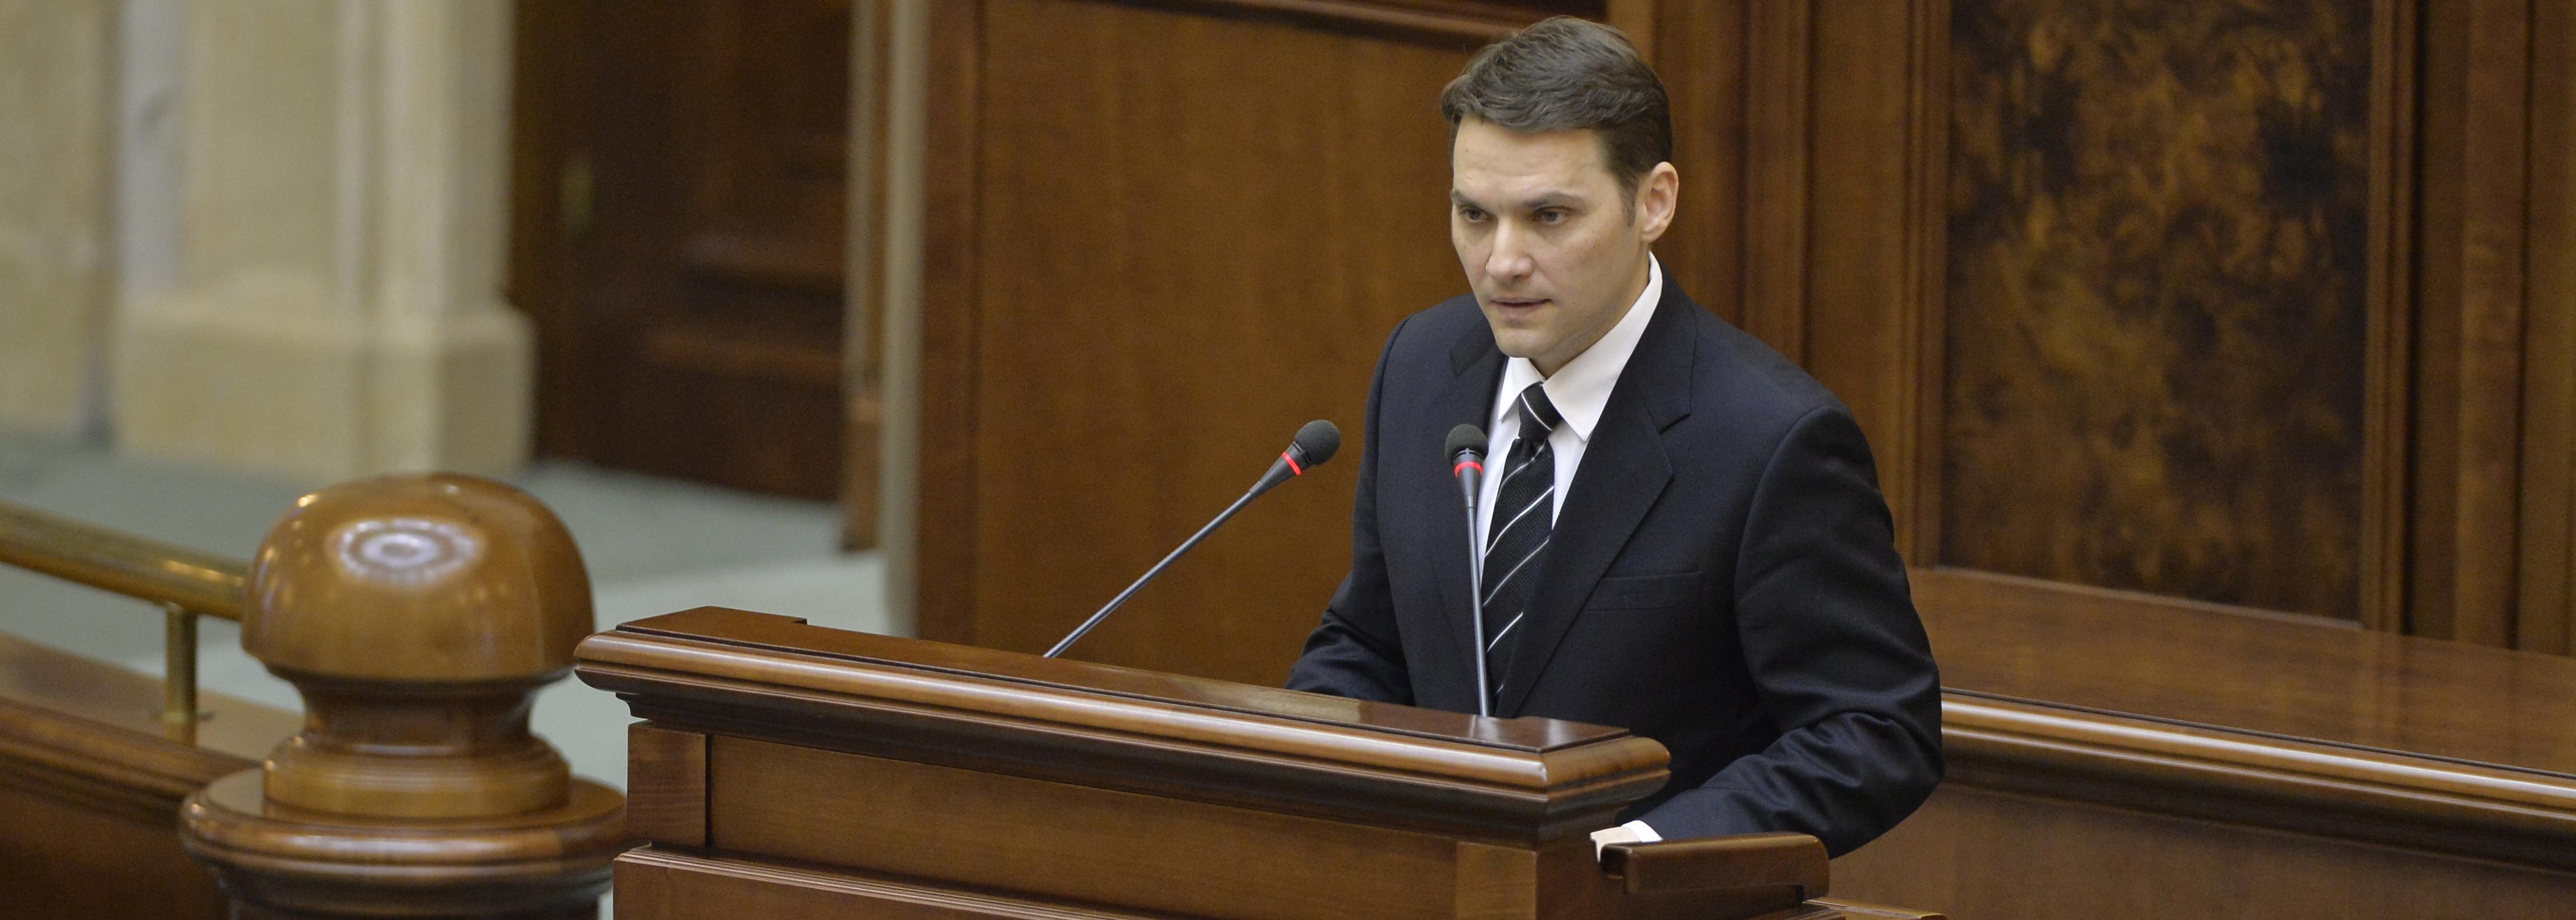 Vicepresedintele Biroului Permanent al Senatului, Ioan Chelaru: Votul in cazul lui Dan Sova s-ar putea relua